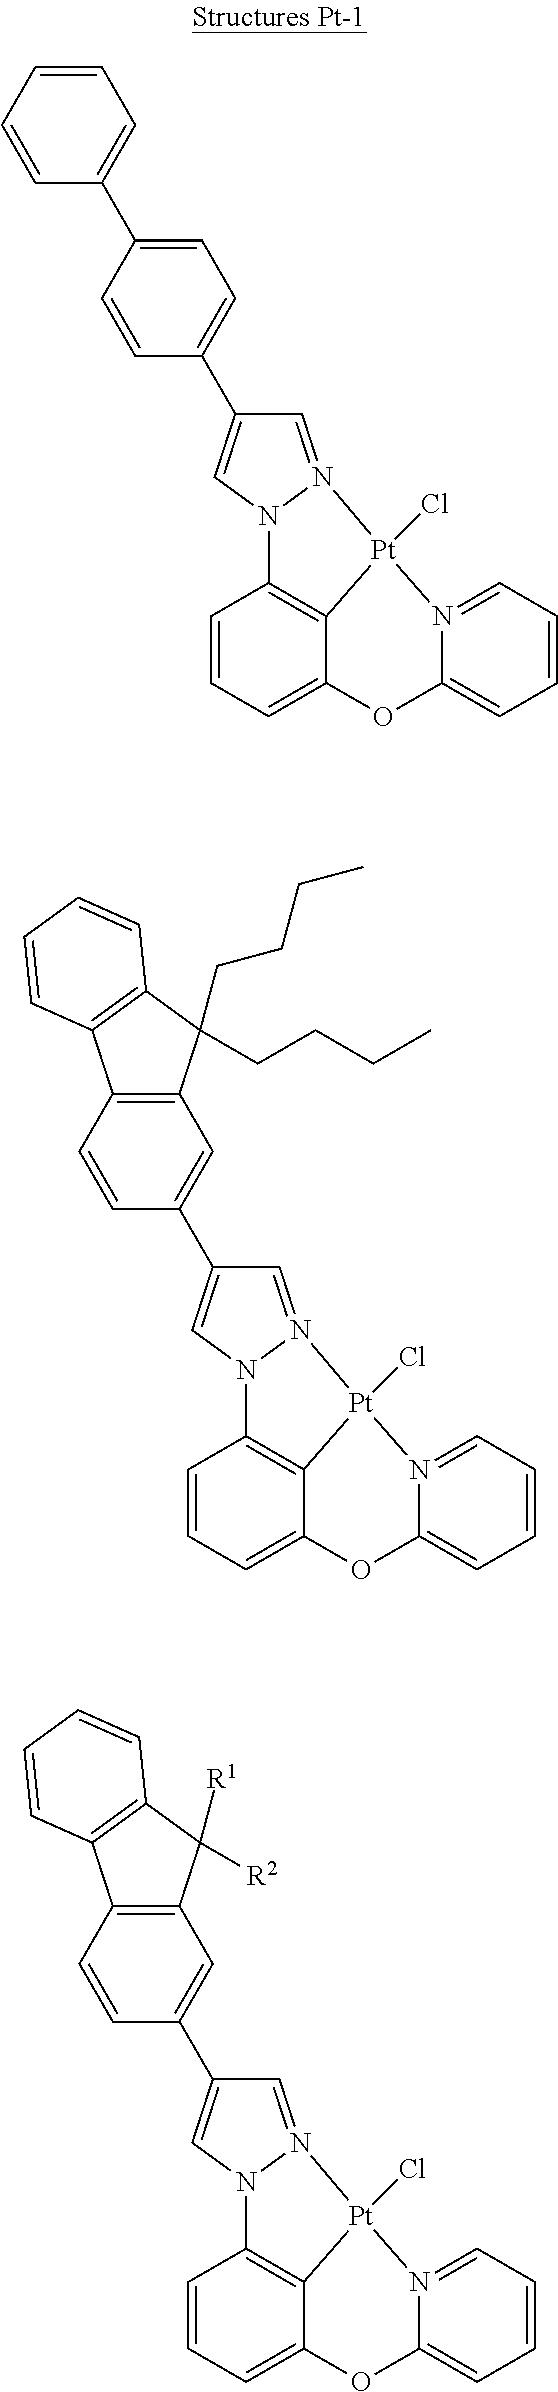 Figure US09818959-20171114-C00498